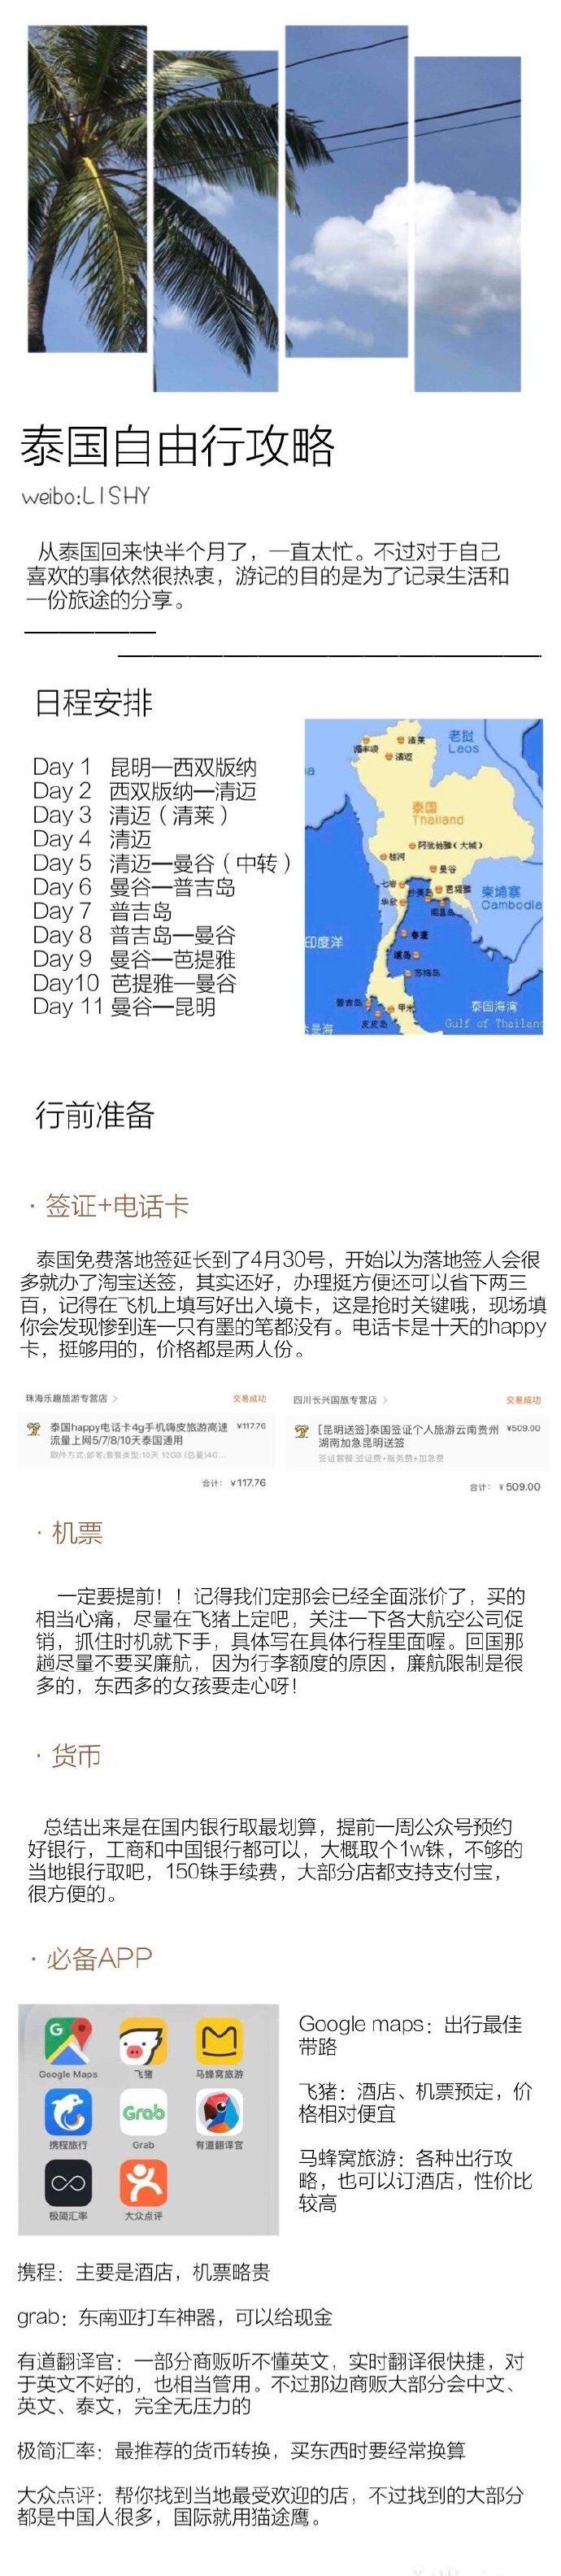 泰国攻略西双版纳—清迈—清莱—普吉岛—芭提雅—曼谷11天10夜自由